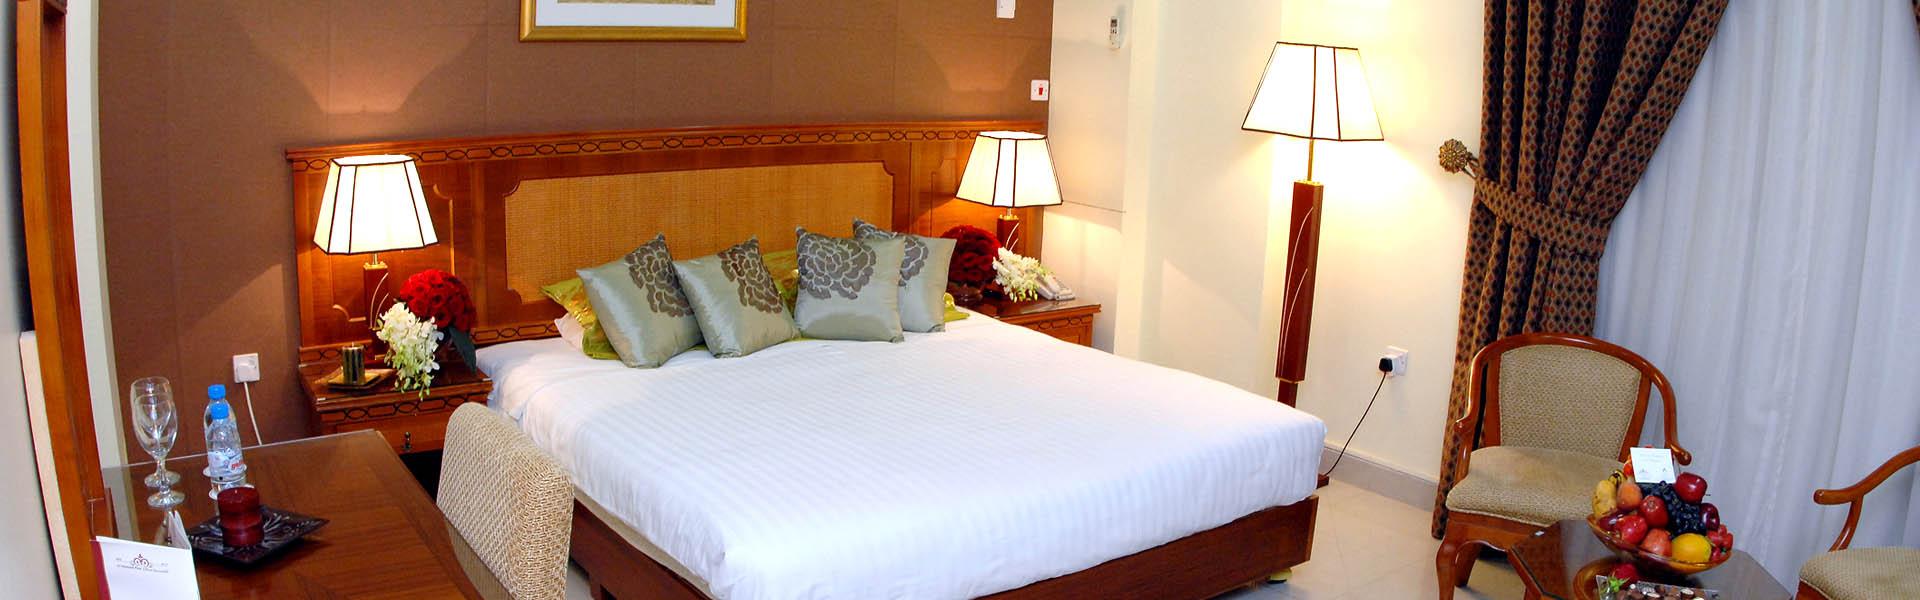 room_suites2